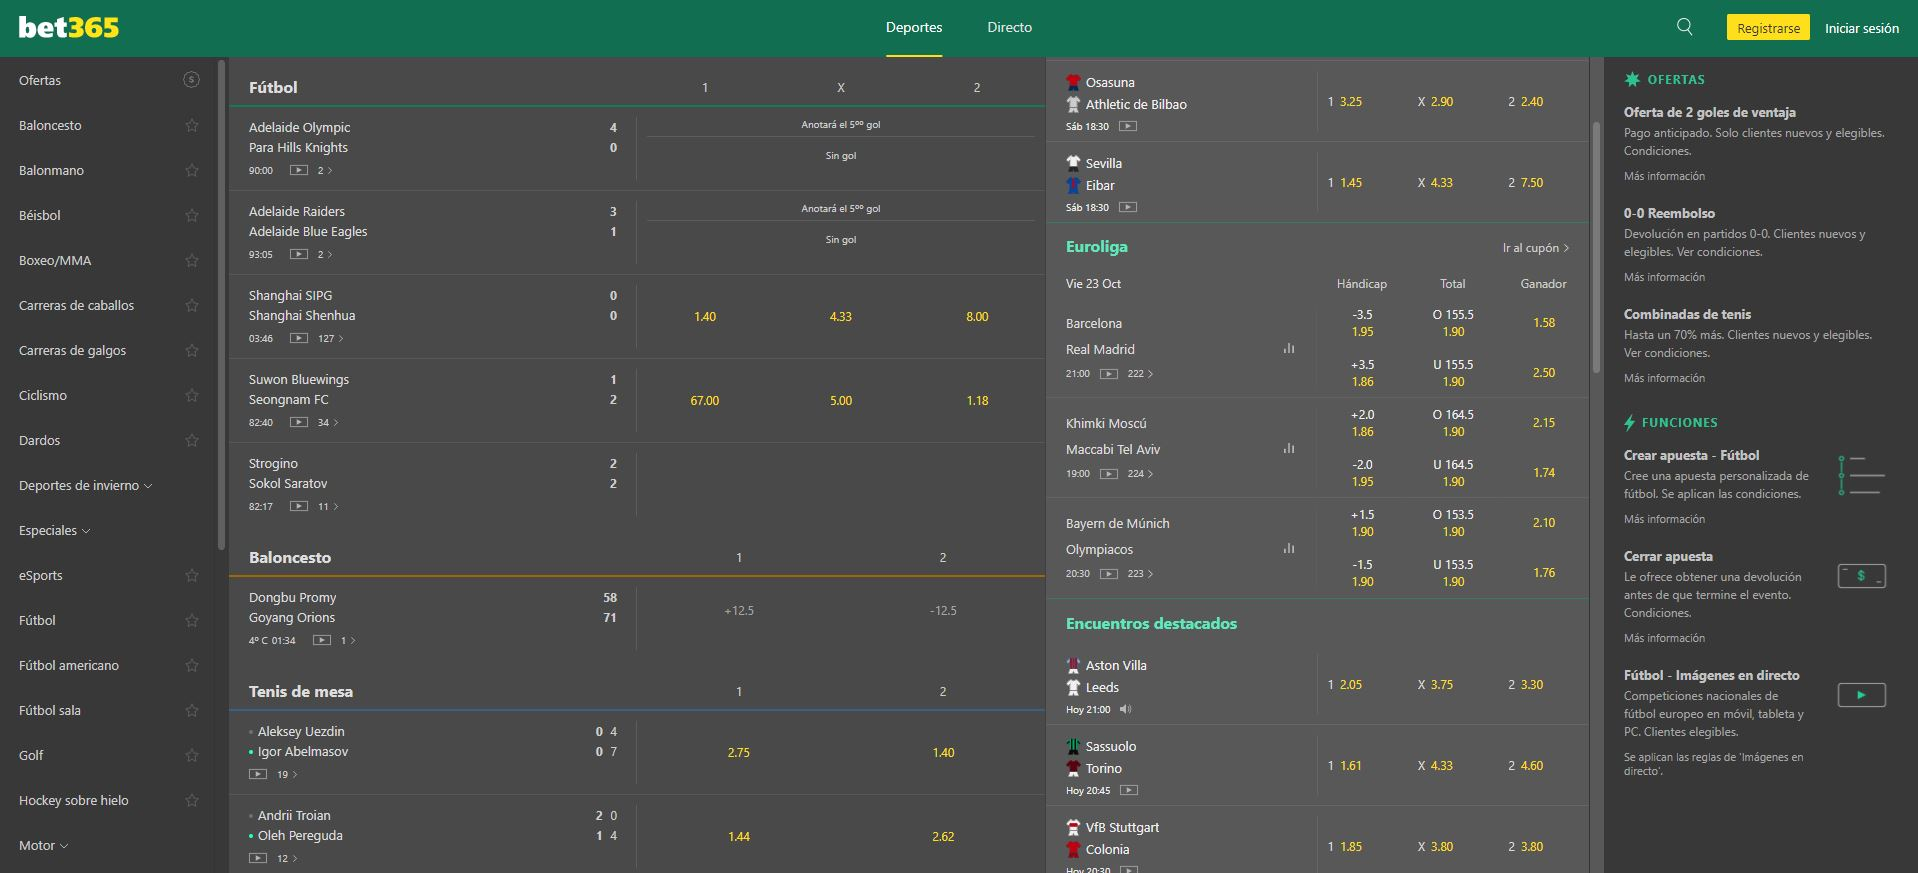 bet365 en méxico cuotas deportivas apuestas online en español